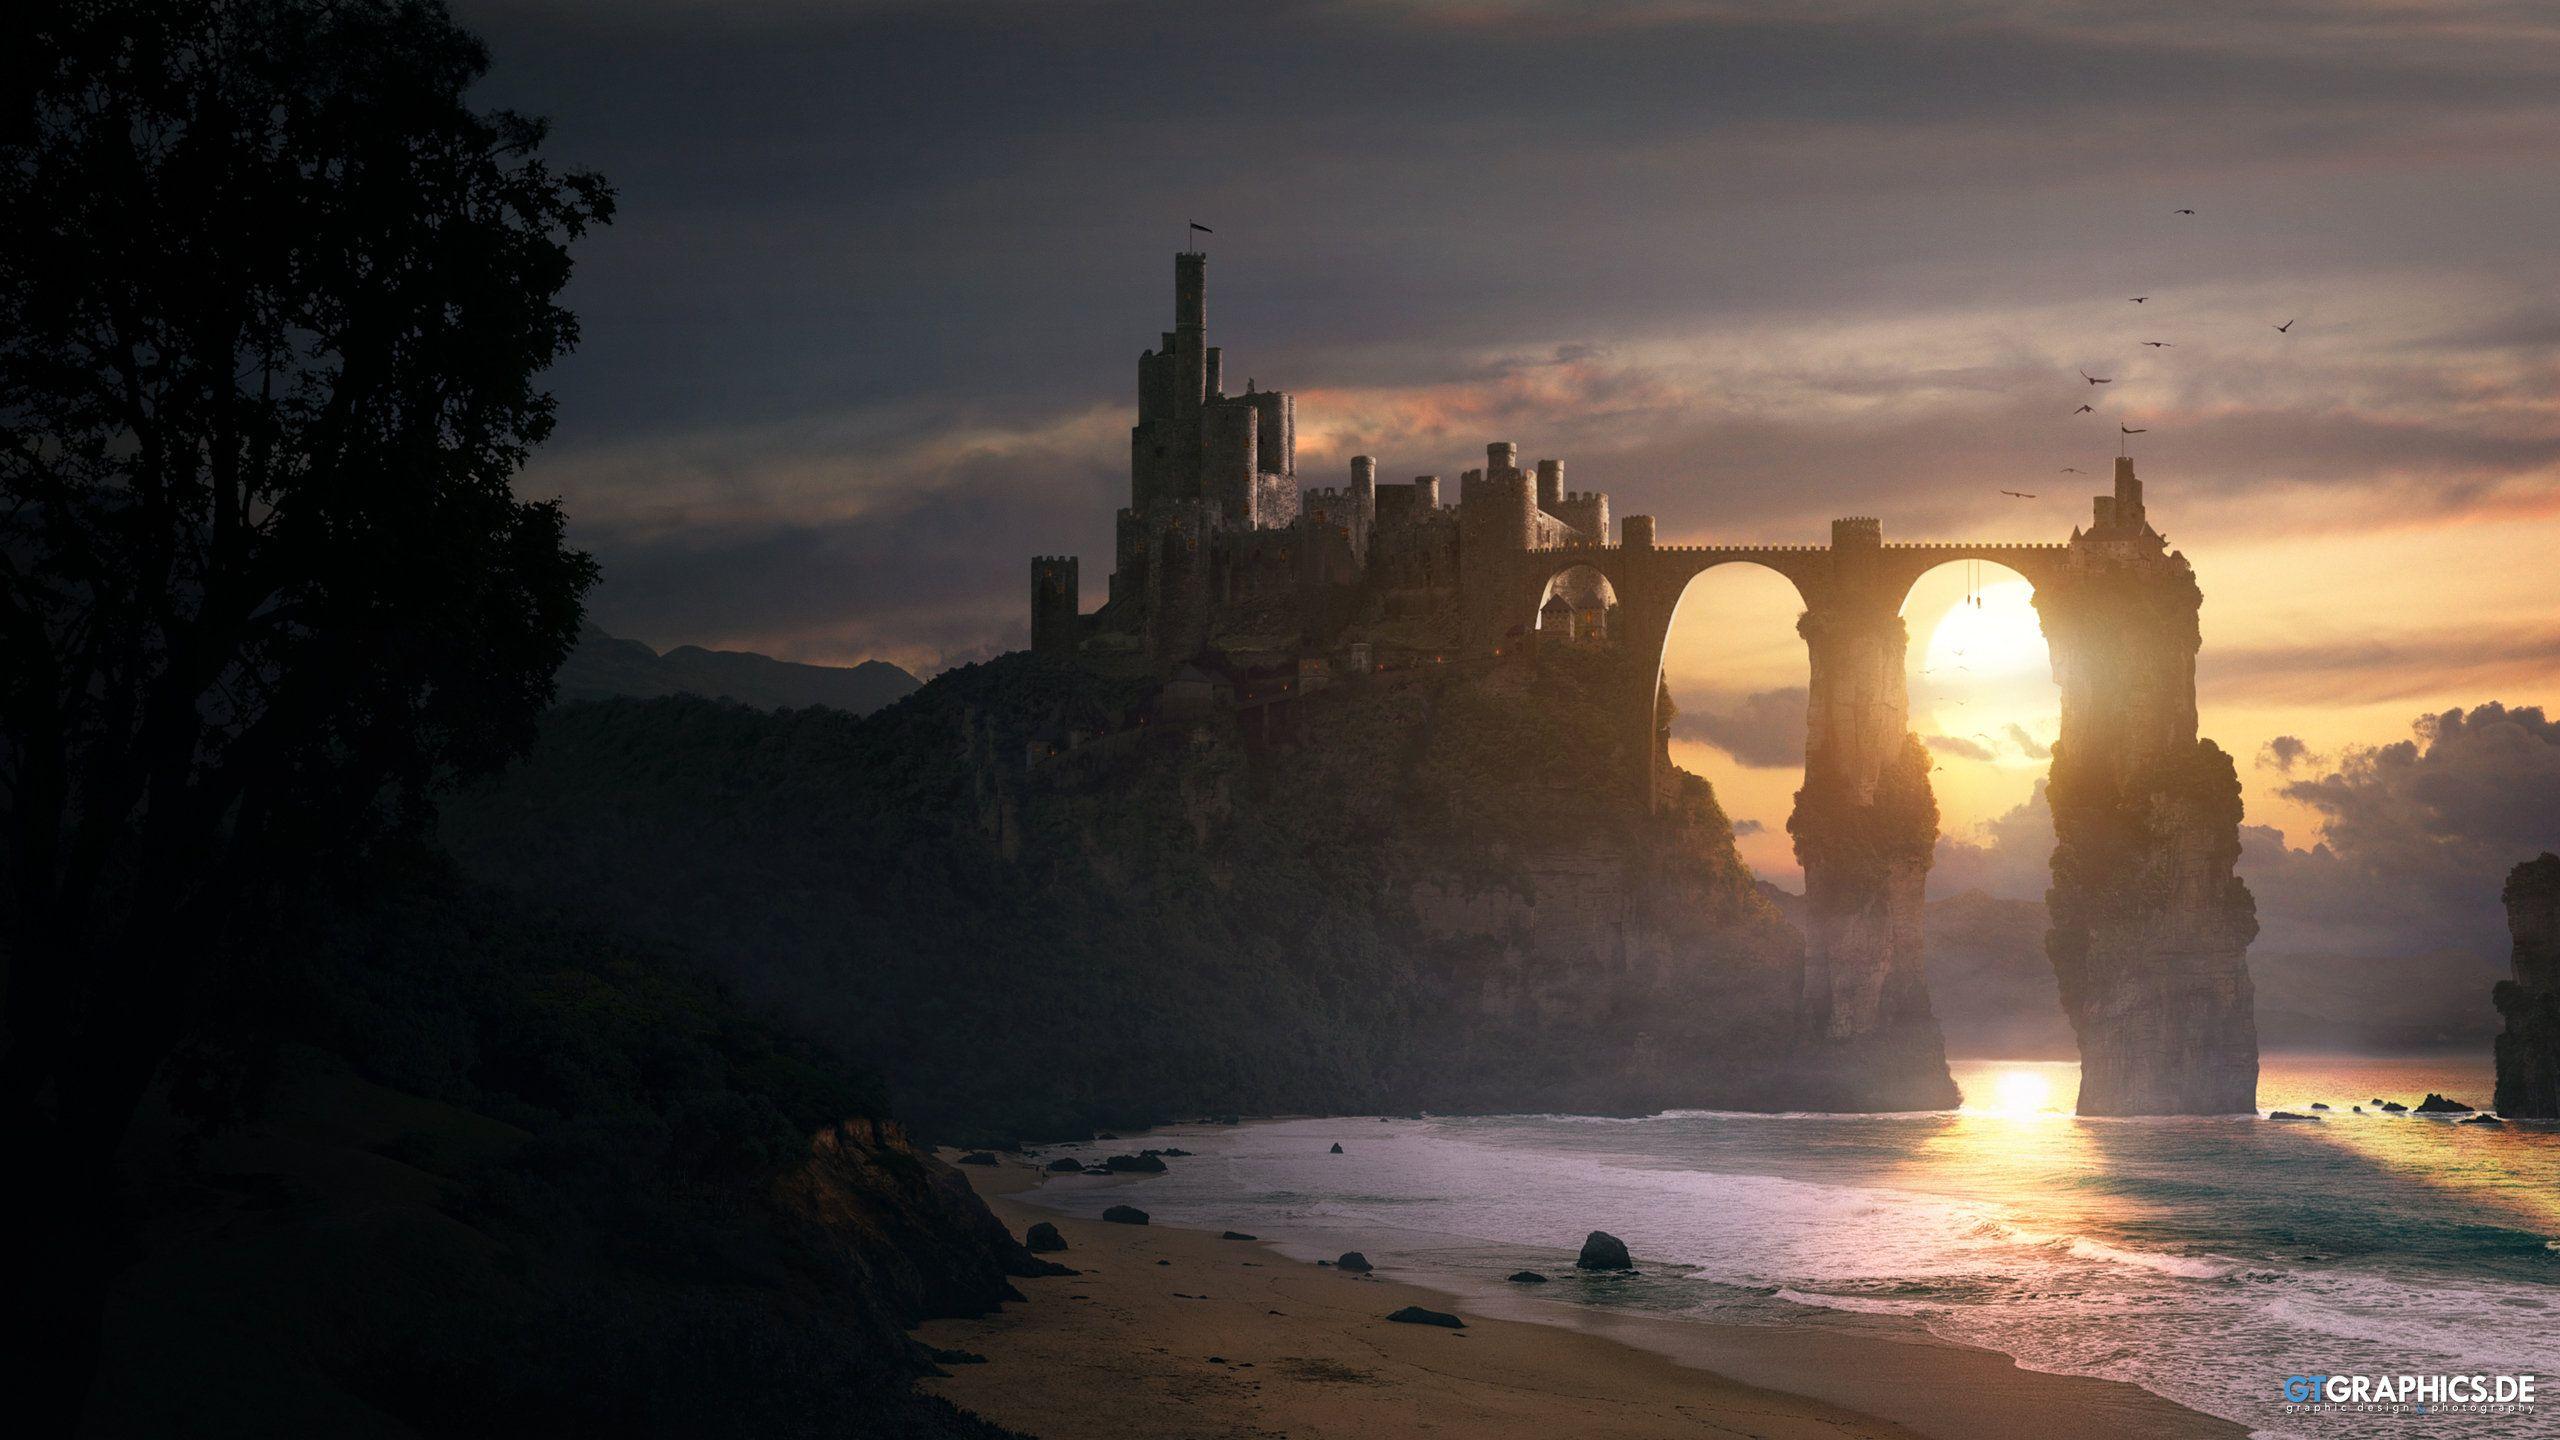 Twinrocks Fortress